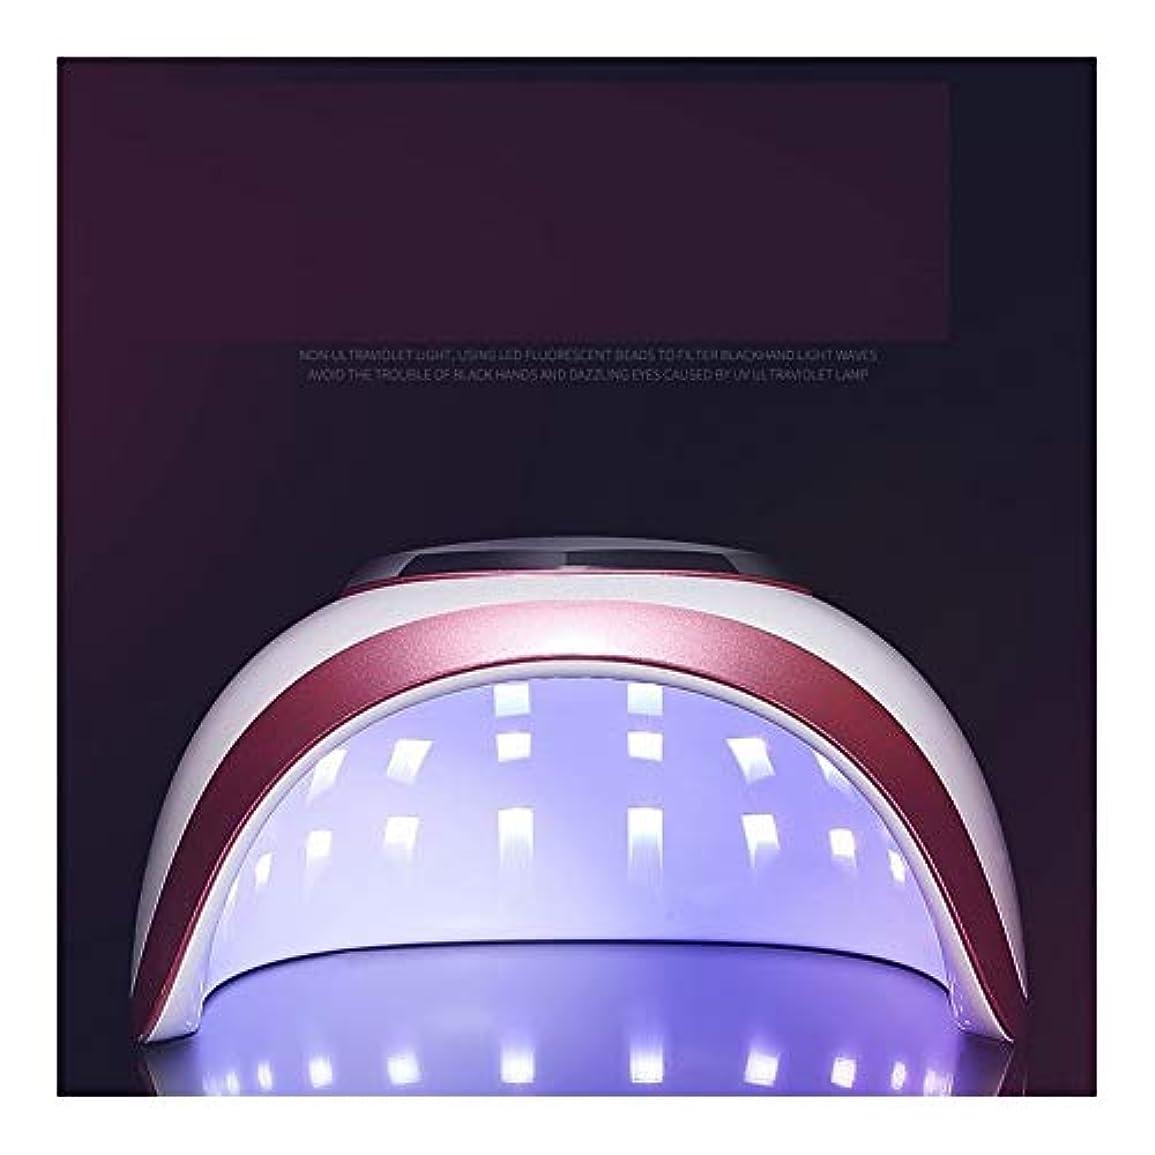 気を散らす意識ずるいLittleCat 釘LEDランプライト療法機ドライヤーネイルグルーヒートランプ72W速乾性モードインテリジェントセンサー無痛 (色 : 72W red edge European regulations)